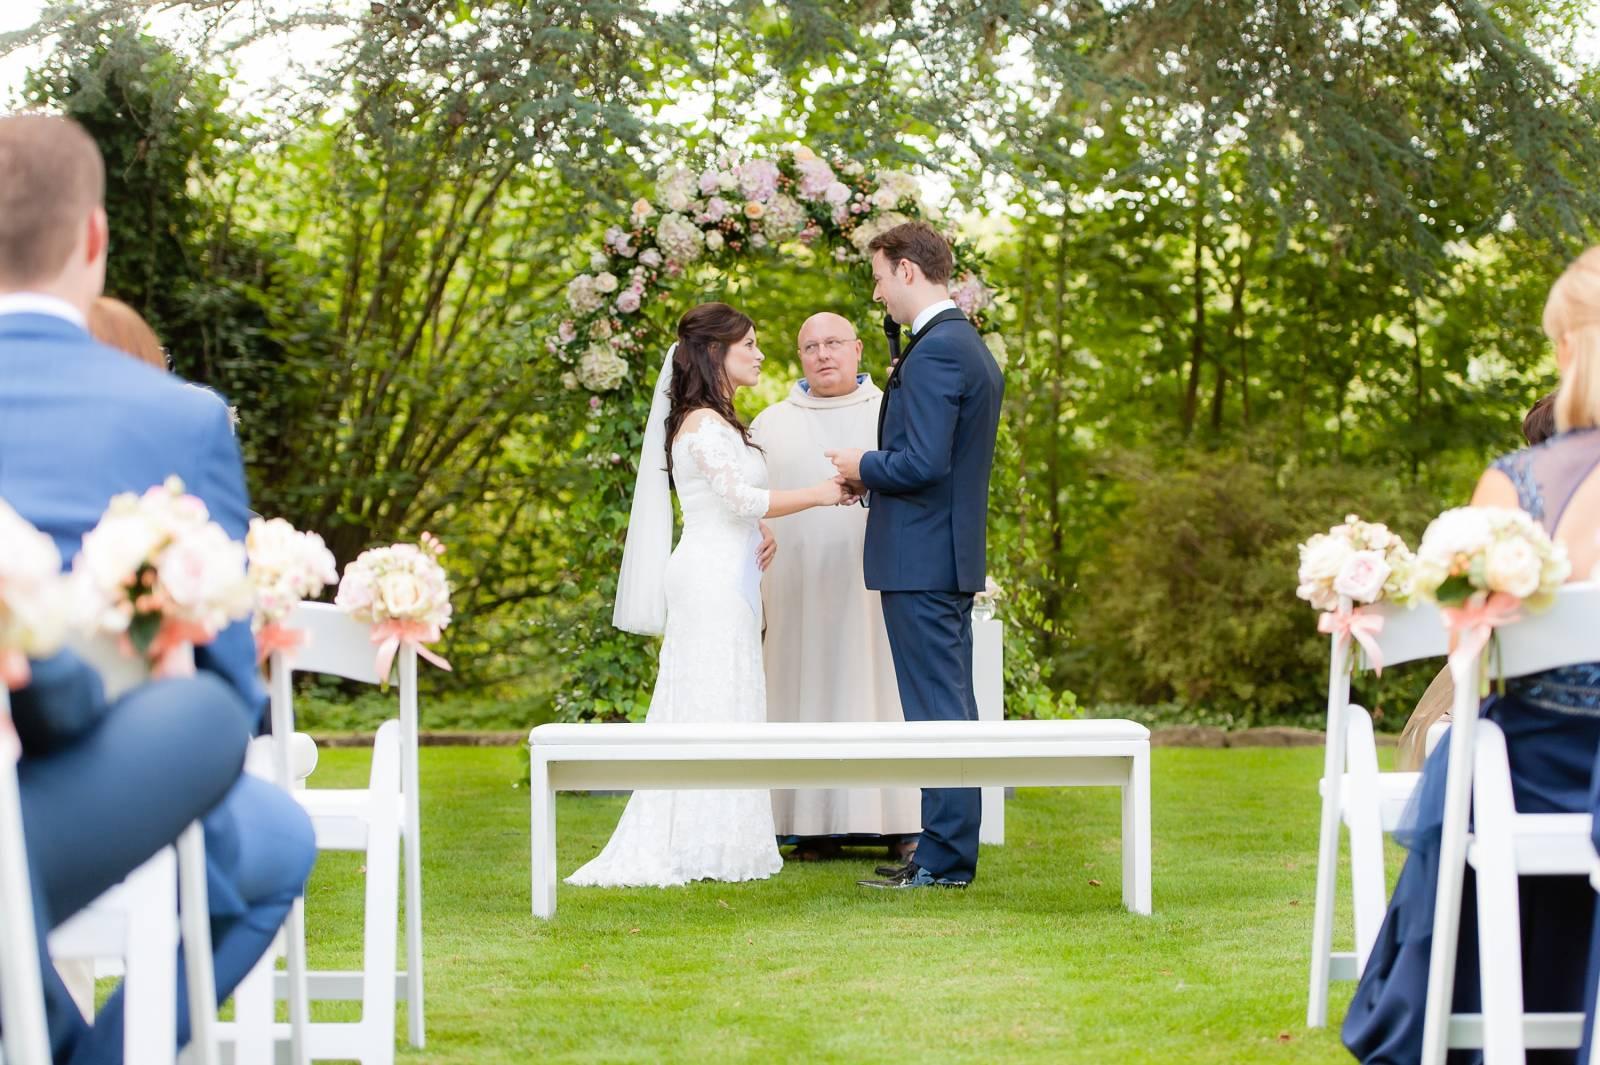 Domein Saint-Hubert - House of Weddings - Feestzaal Oost-Vlaanderen - Ronse - huwelijk - ceremonie cateri (6)